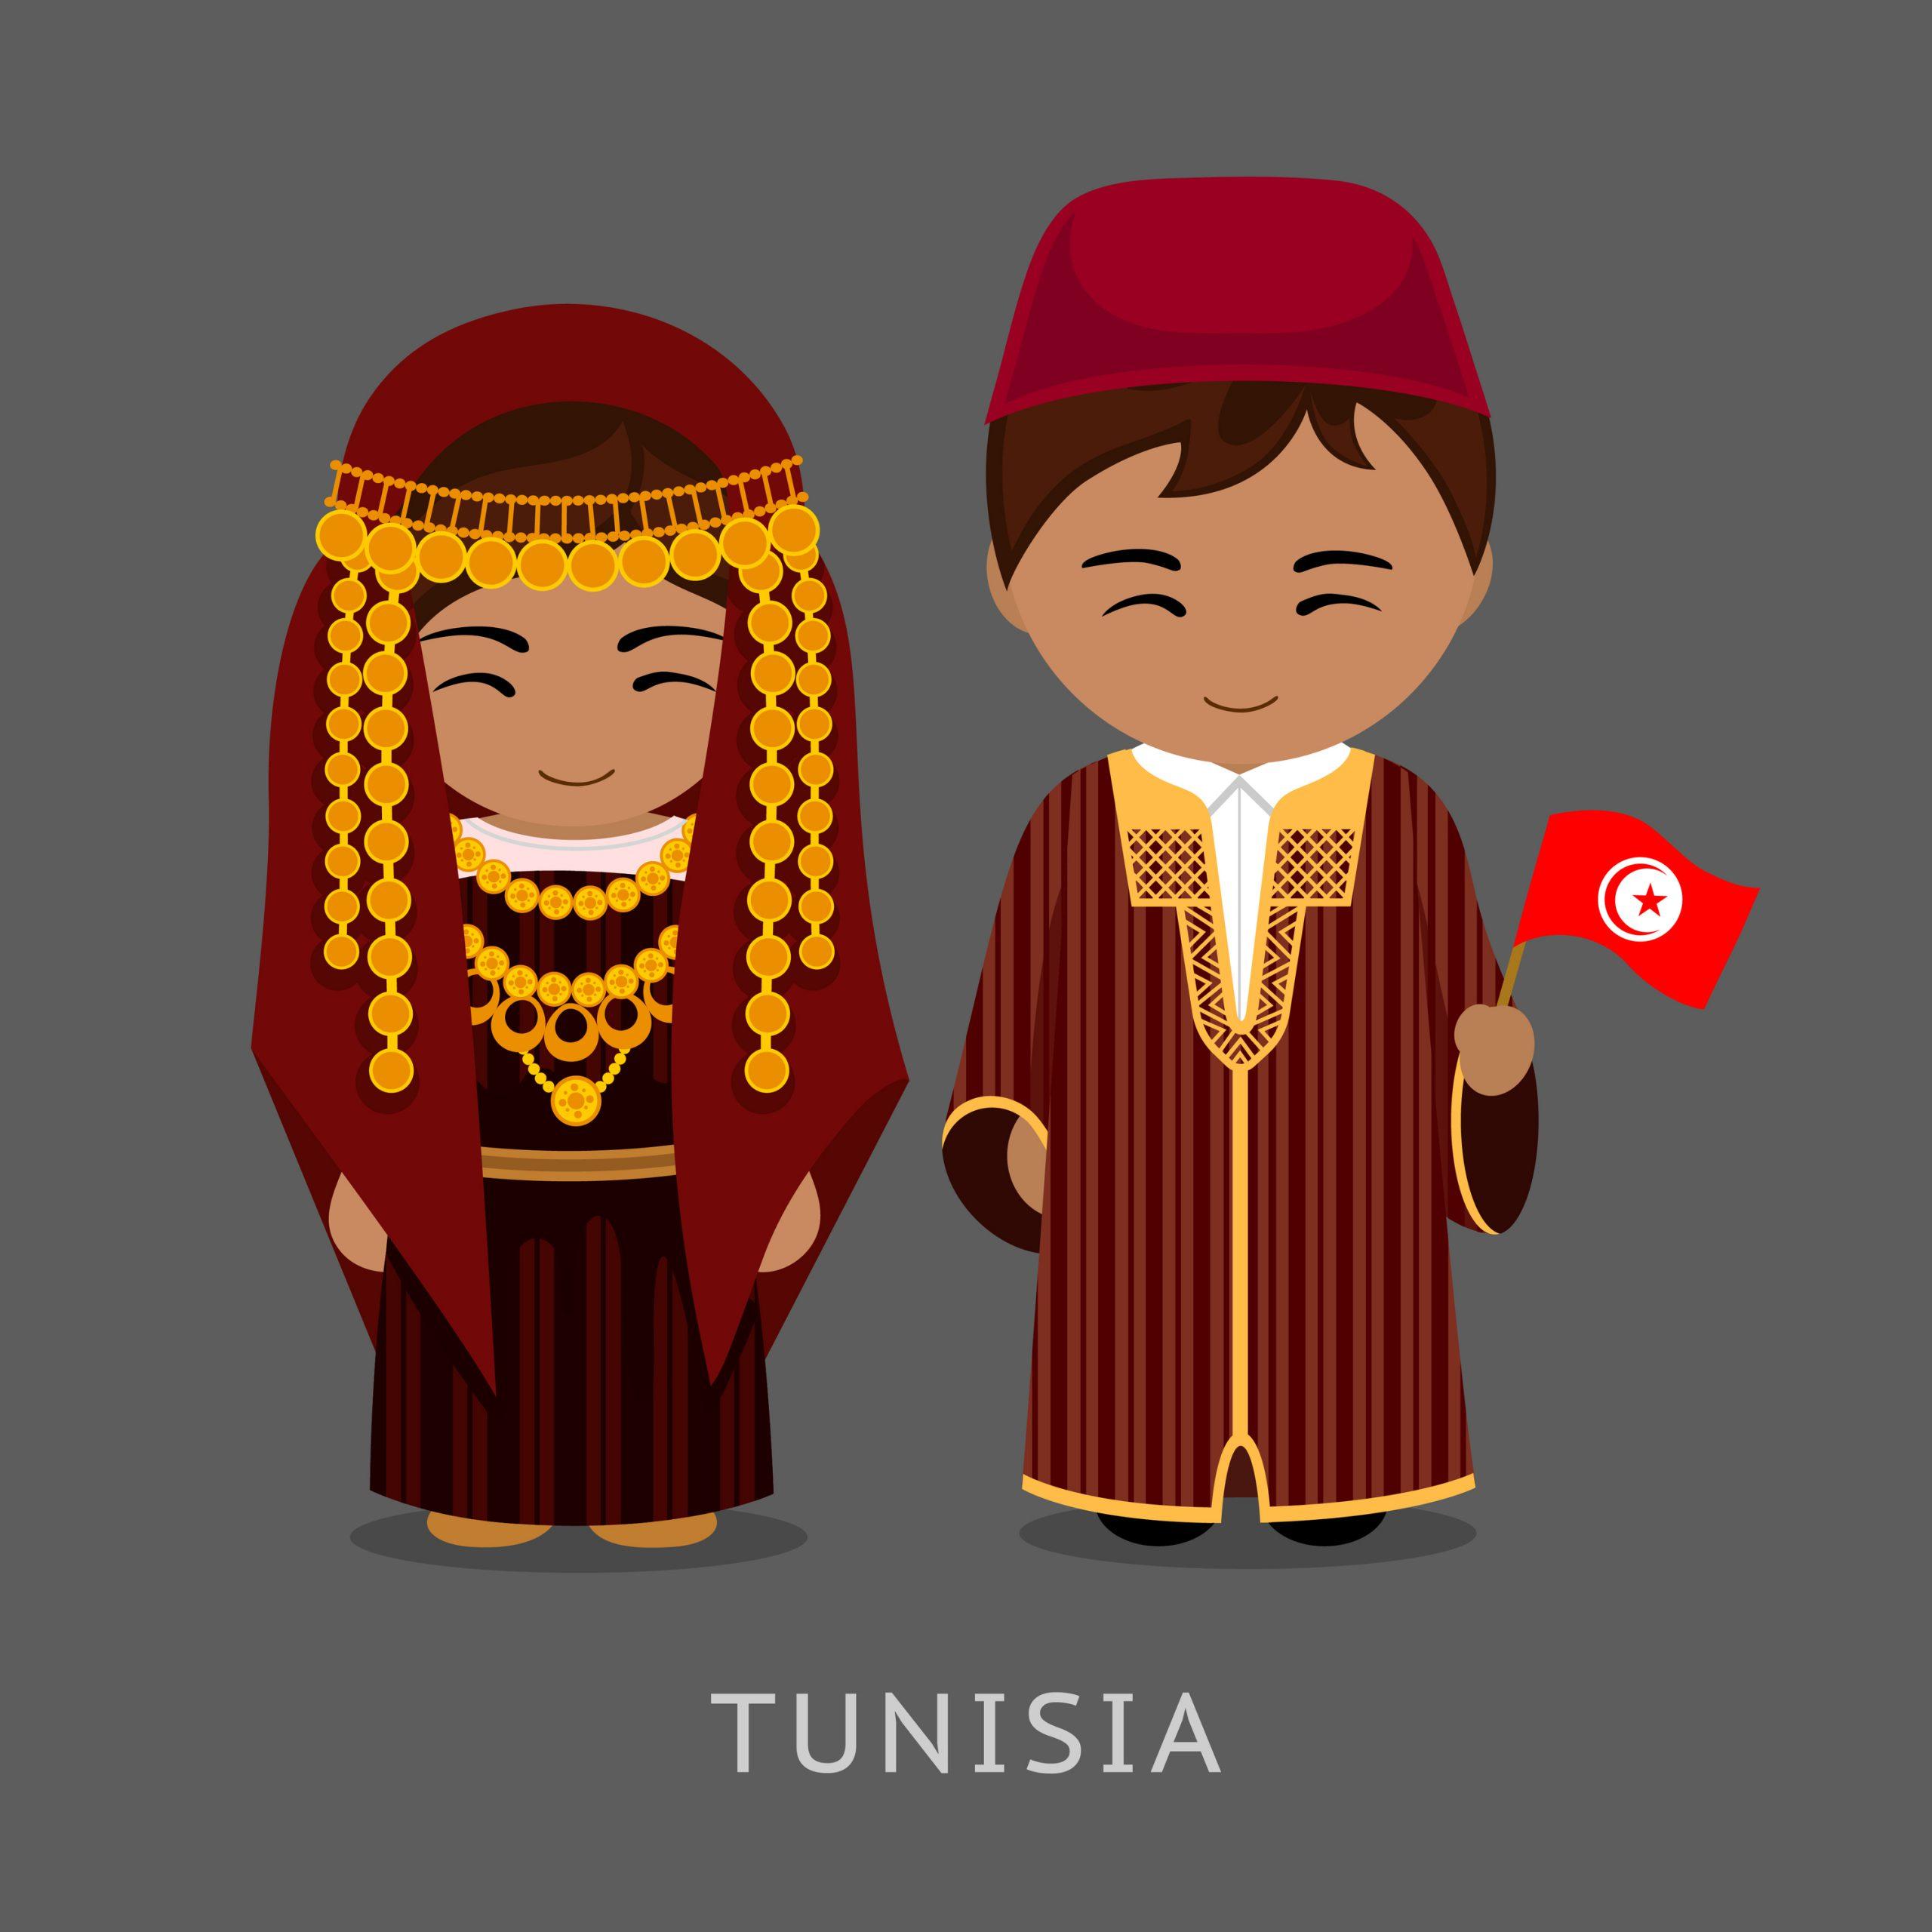 BS_Tunisie_Anastasia Boiko_229064950